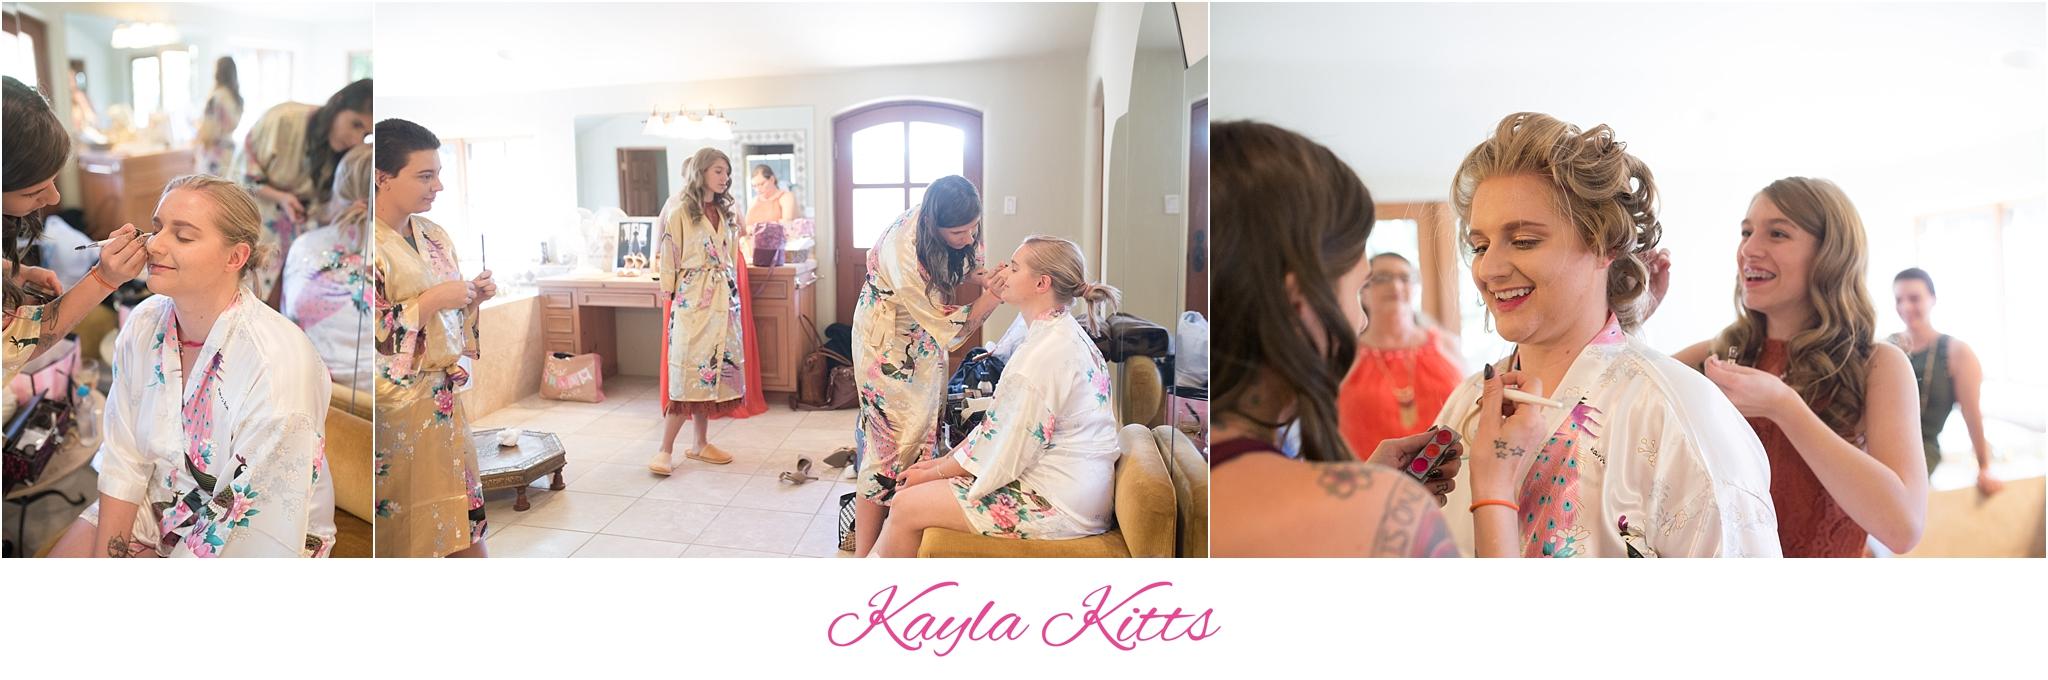 kayla kitts photography - albuquerque wedding photographer - albuquerque wedding photography - albuquerque venue - casa rondena - casa rondea wedding - new mexico wedding photographer_0003.jpg